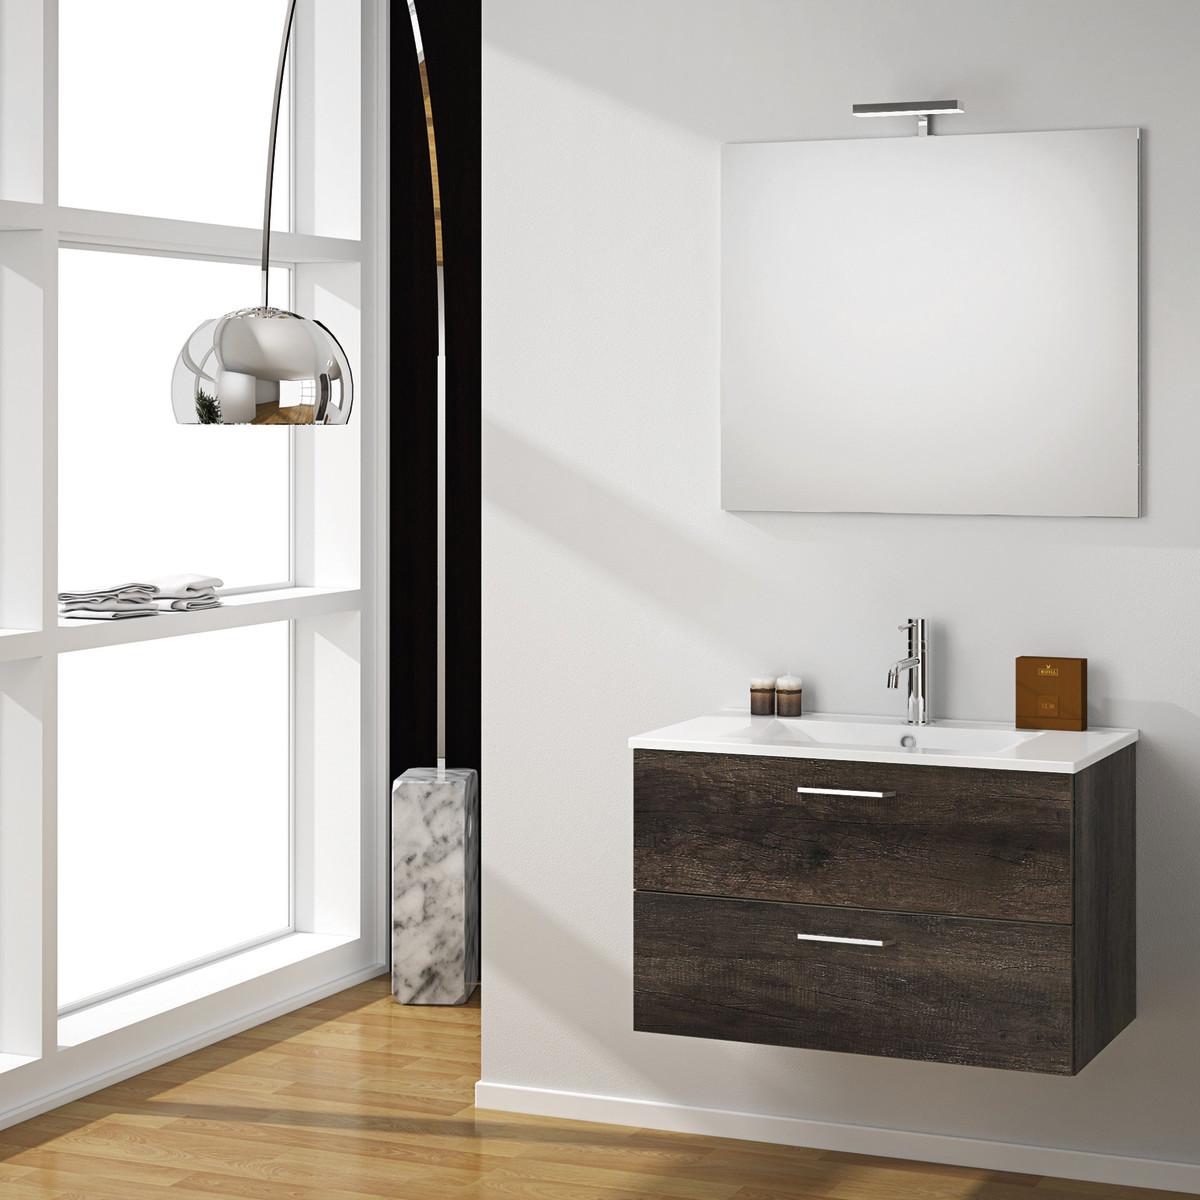 Bagni semeraro trendy mobili da bagno mobili componibili for Mobili da bagno moderni prezzi